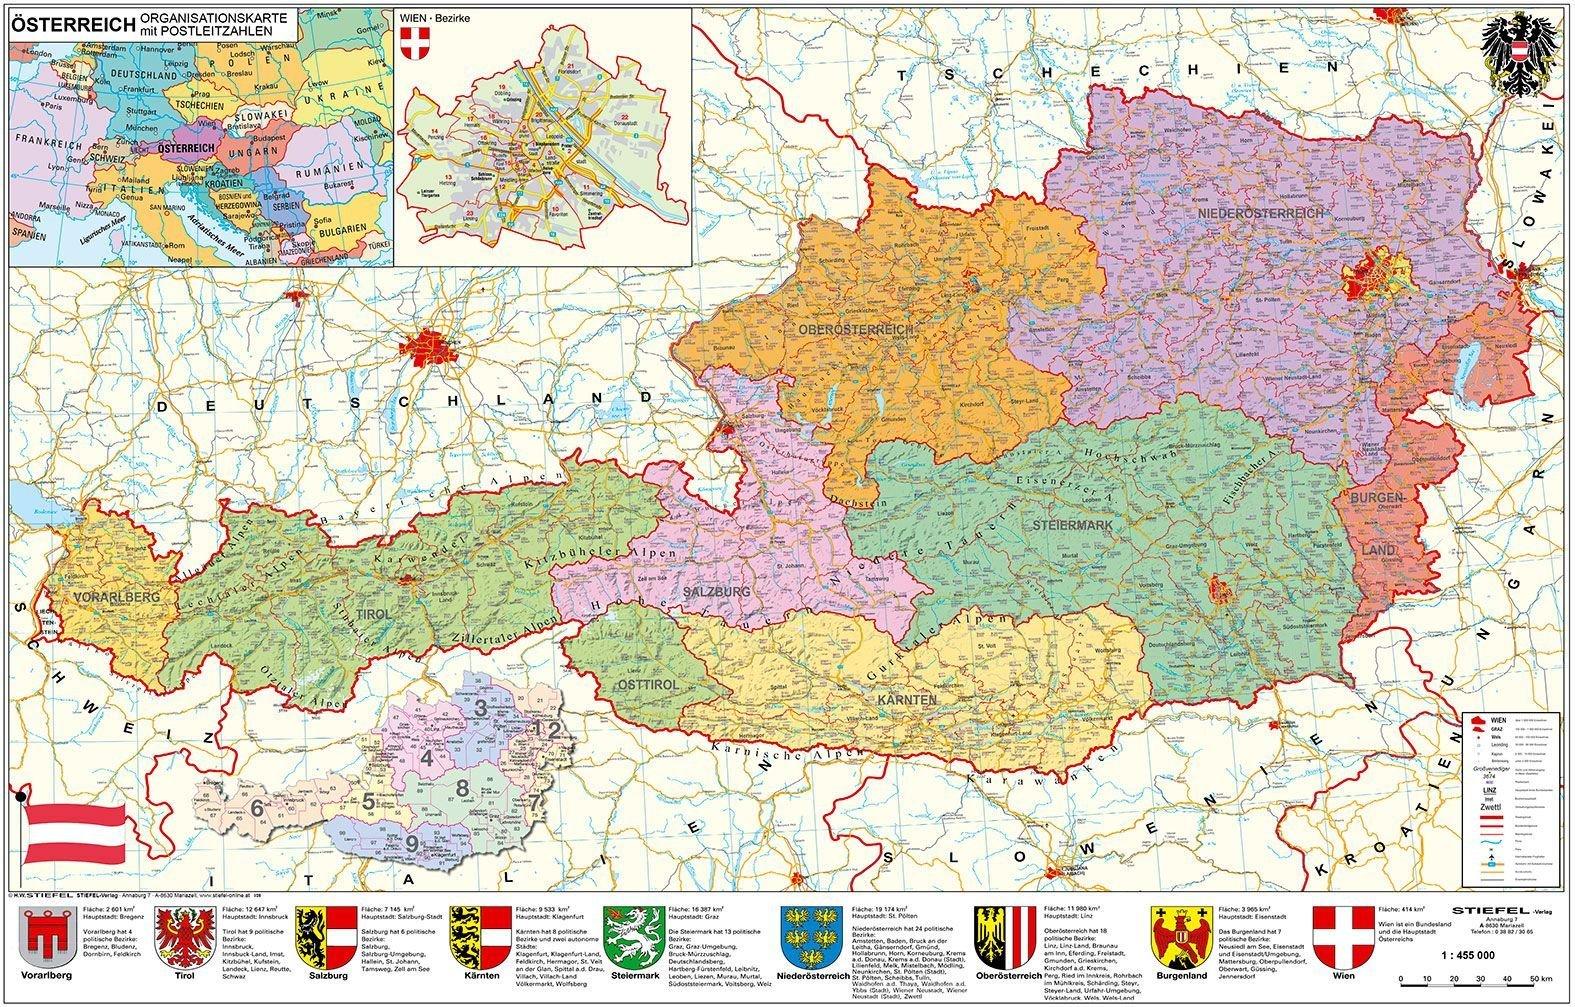 Osterreich Politisch Plz Und Organisationskarte Wandkarte